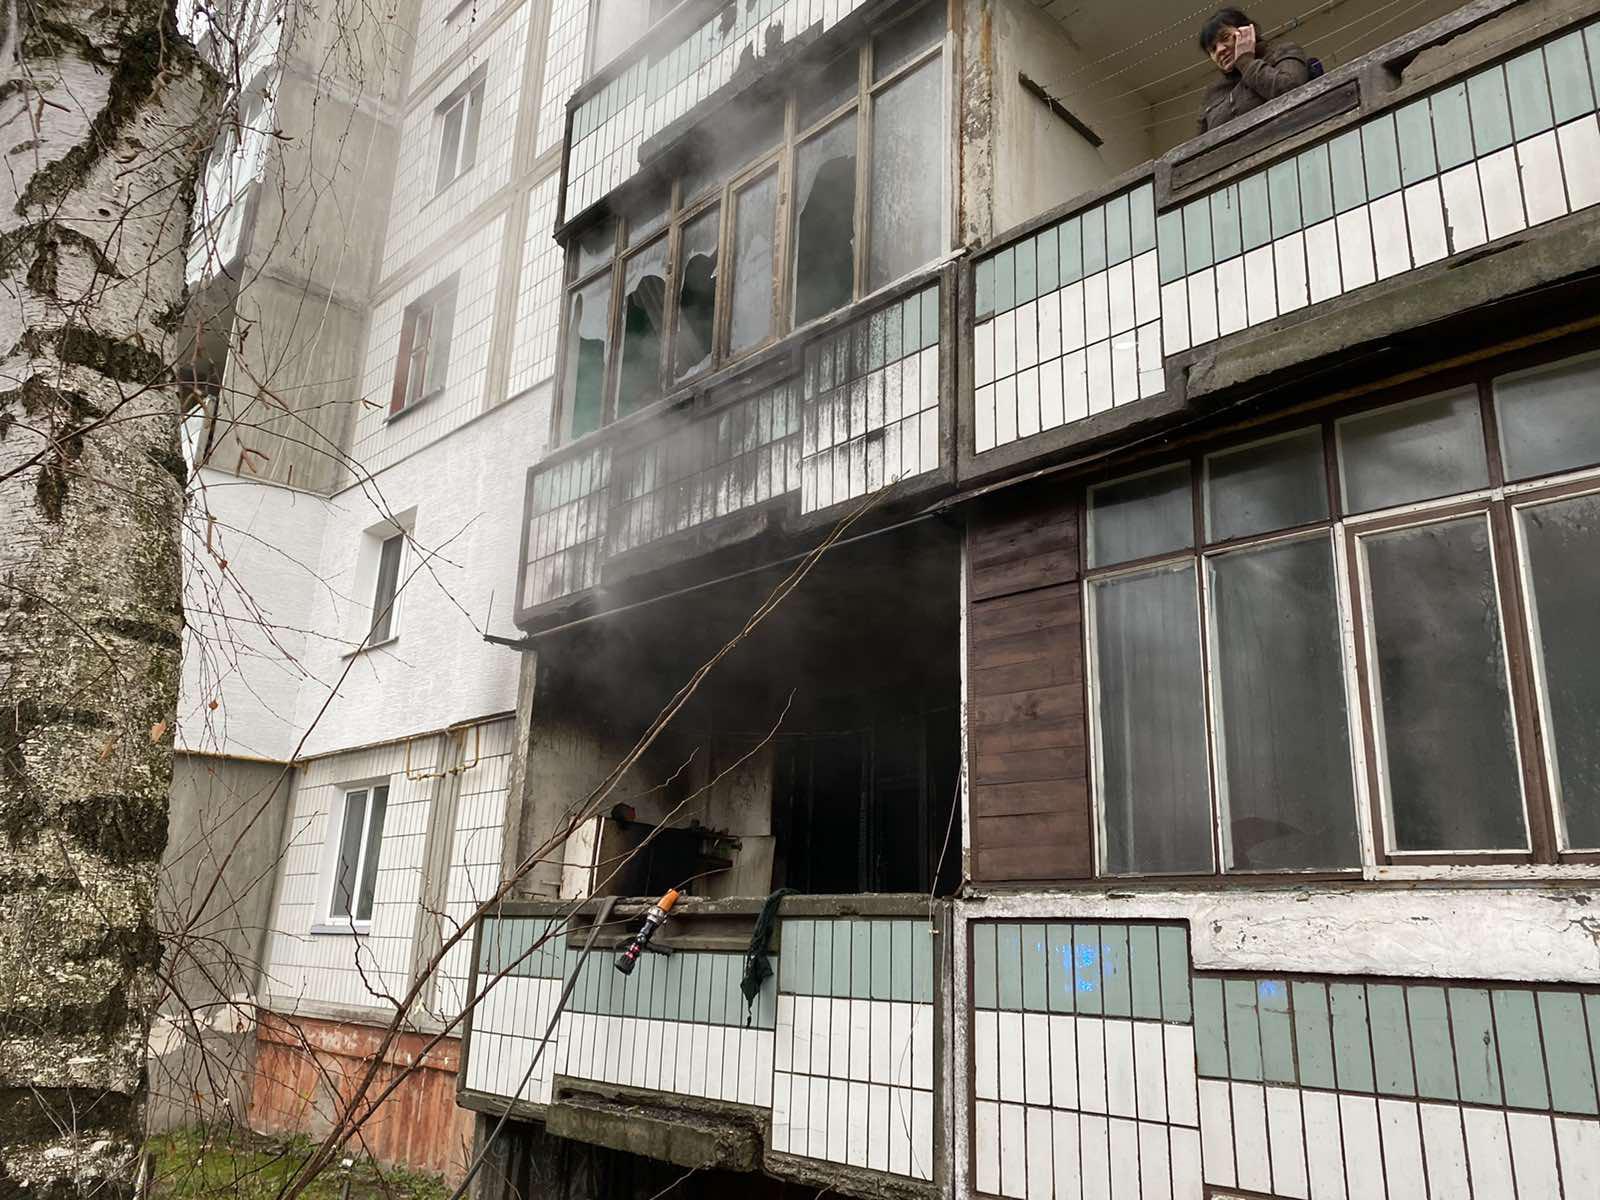 У Багатоповерховому будинку Білої Церкви горіла квартира - ГУ ДСНС у Київськійобласті, вогонь - 14 viber